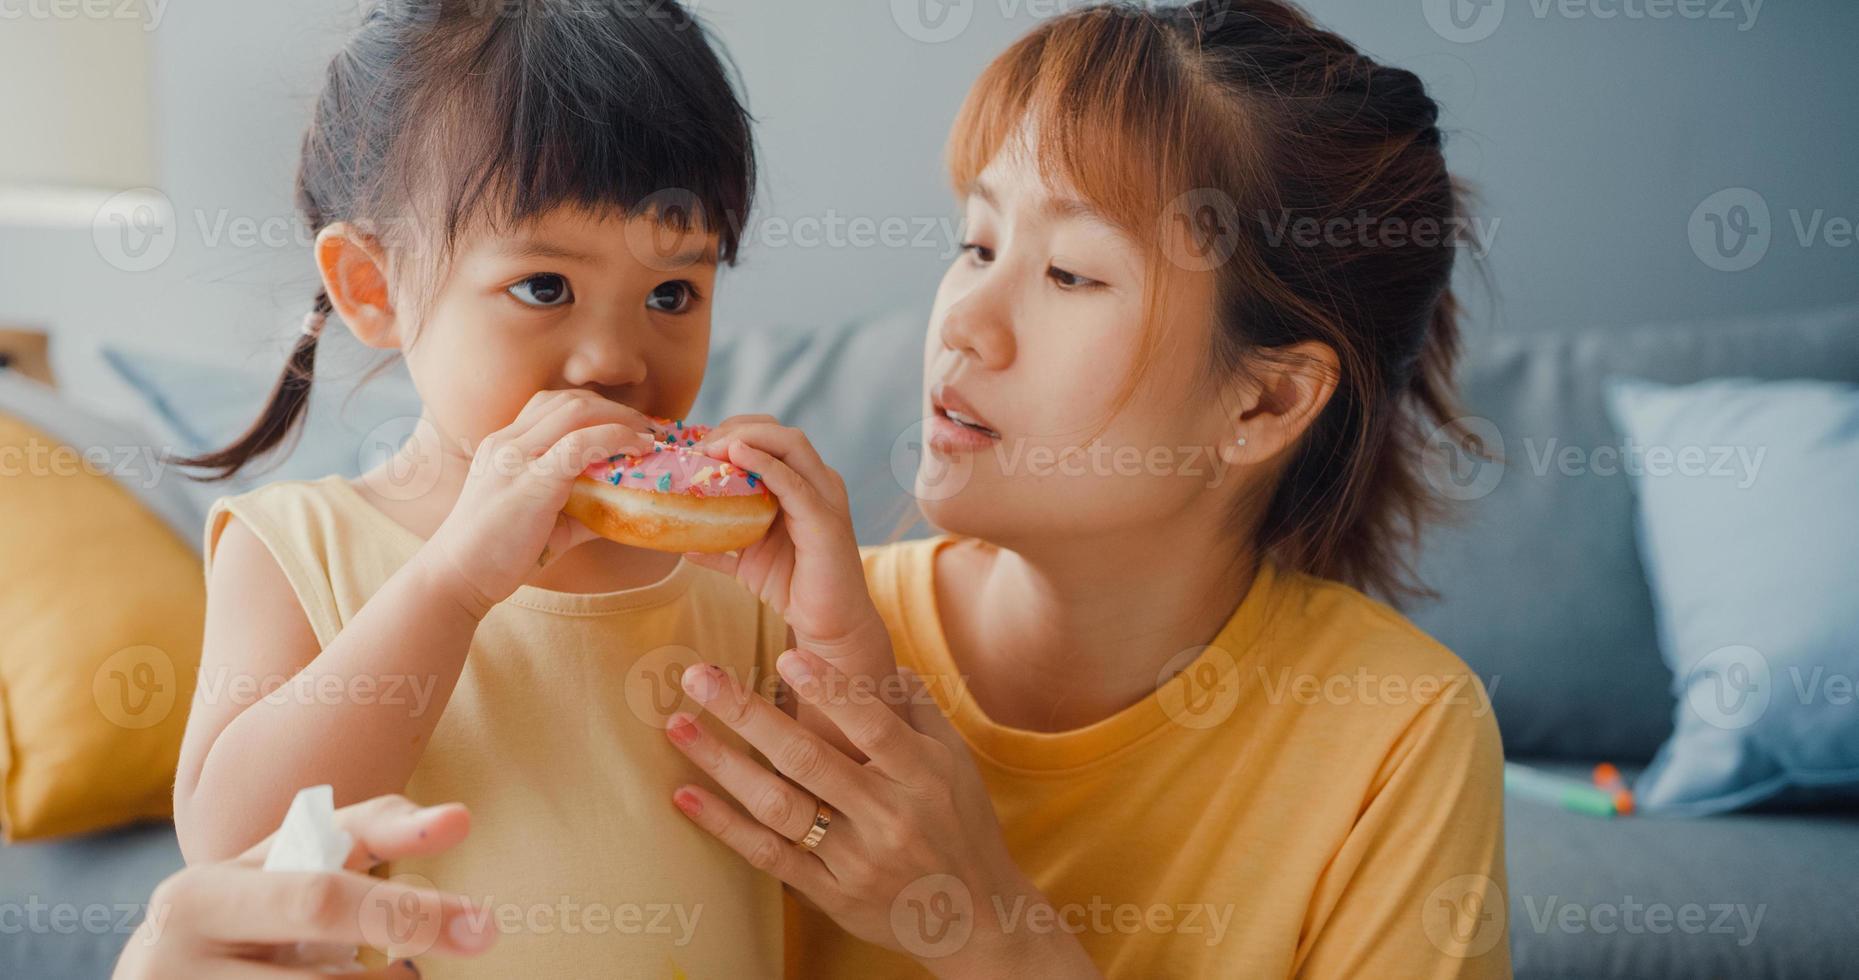 felice allegra famiglia asia mamma e bambina che mangiano ciambelle e si divertono rilassati goditi sul divano nel soggiorno di casa. passare del tempo insieme, distanza sociale, quarantena per il coronavirus. foto